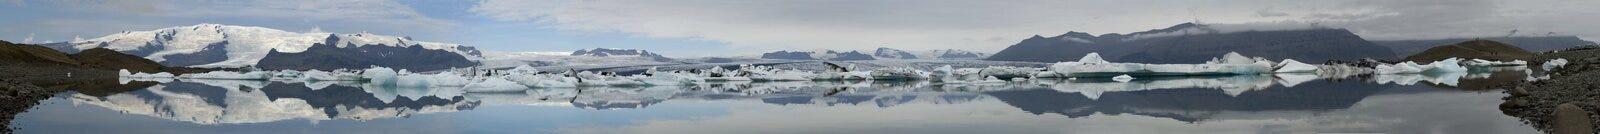 παγόβουνο Ισλανδία Στοκ φωτογραφία με δικαίωμα ελεύθερης χρήσης